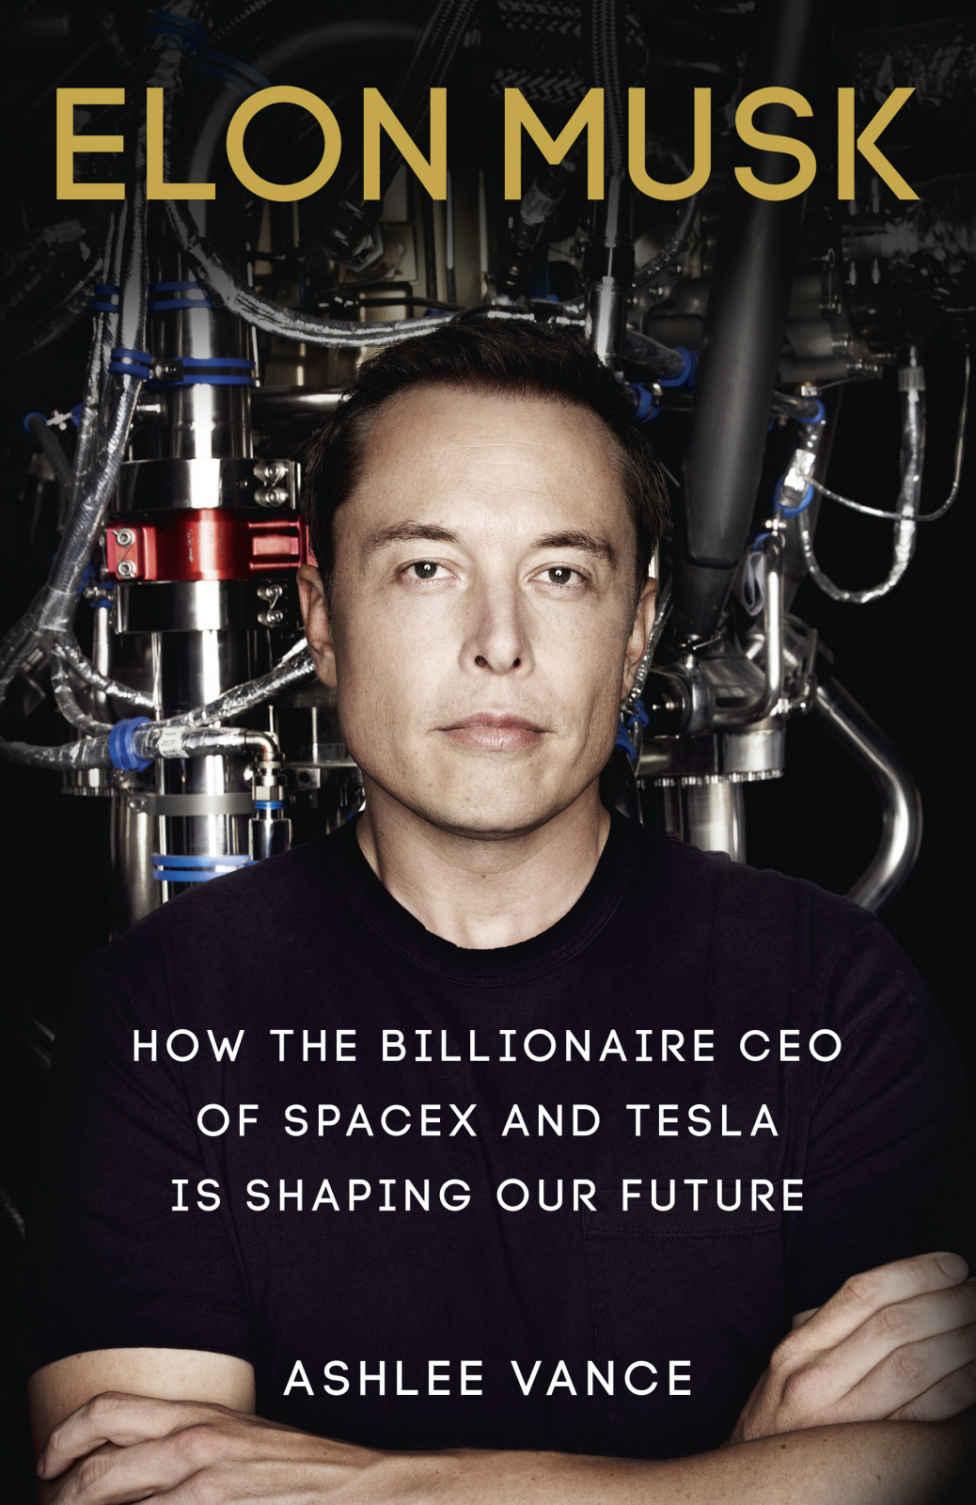 Elon Musk Intl - 7941371473013,62_5762431,211000,tiki.vn,Elon-Musk-Intl-62_5762431,Elon Musk Intl